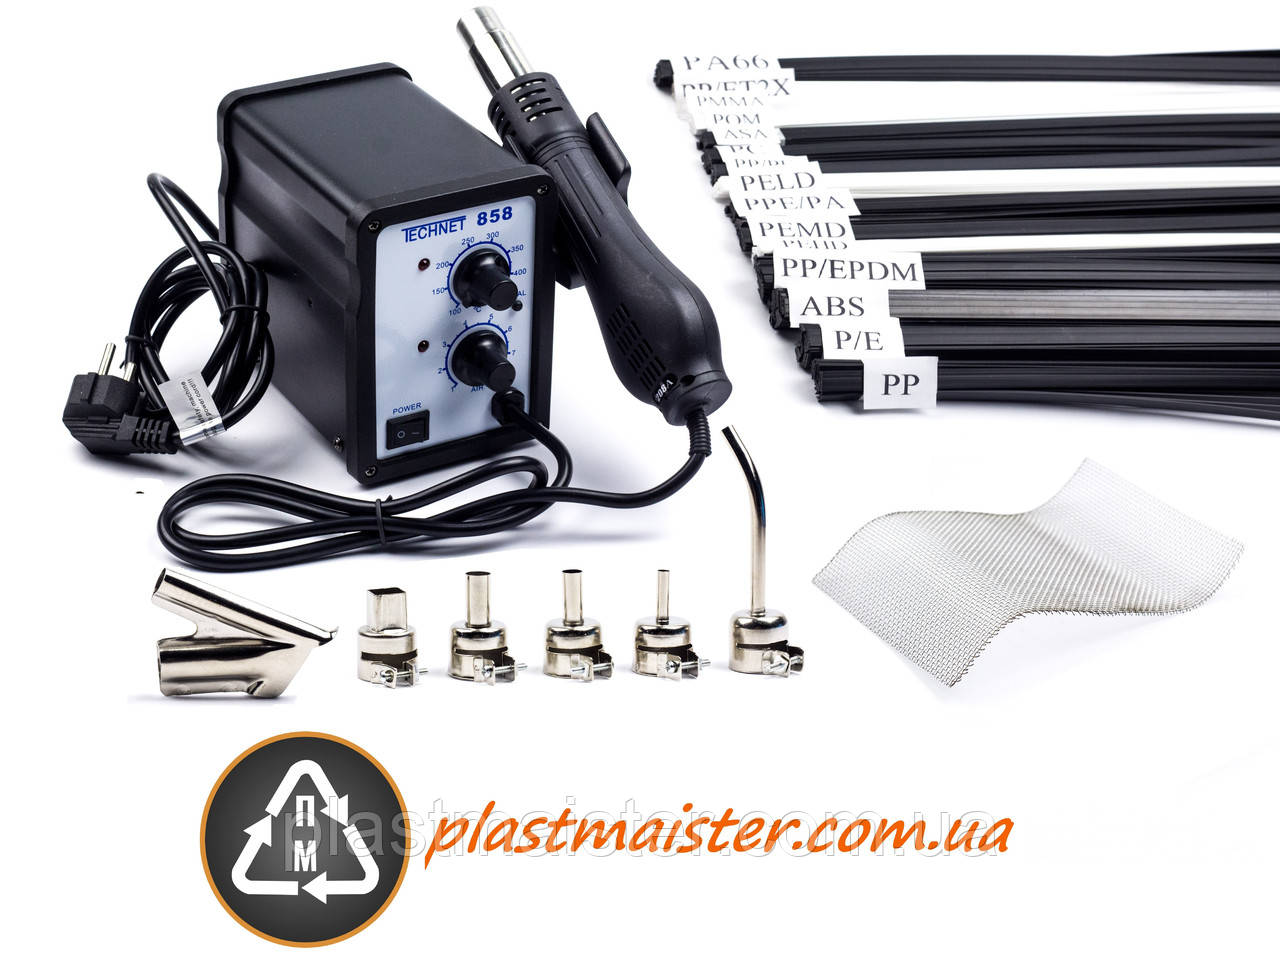 Термовоздушная паяльная станция для пайки пластика 858 + 6 насадок + пластика + сетка